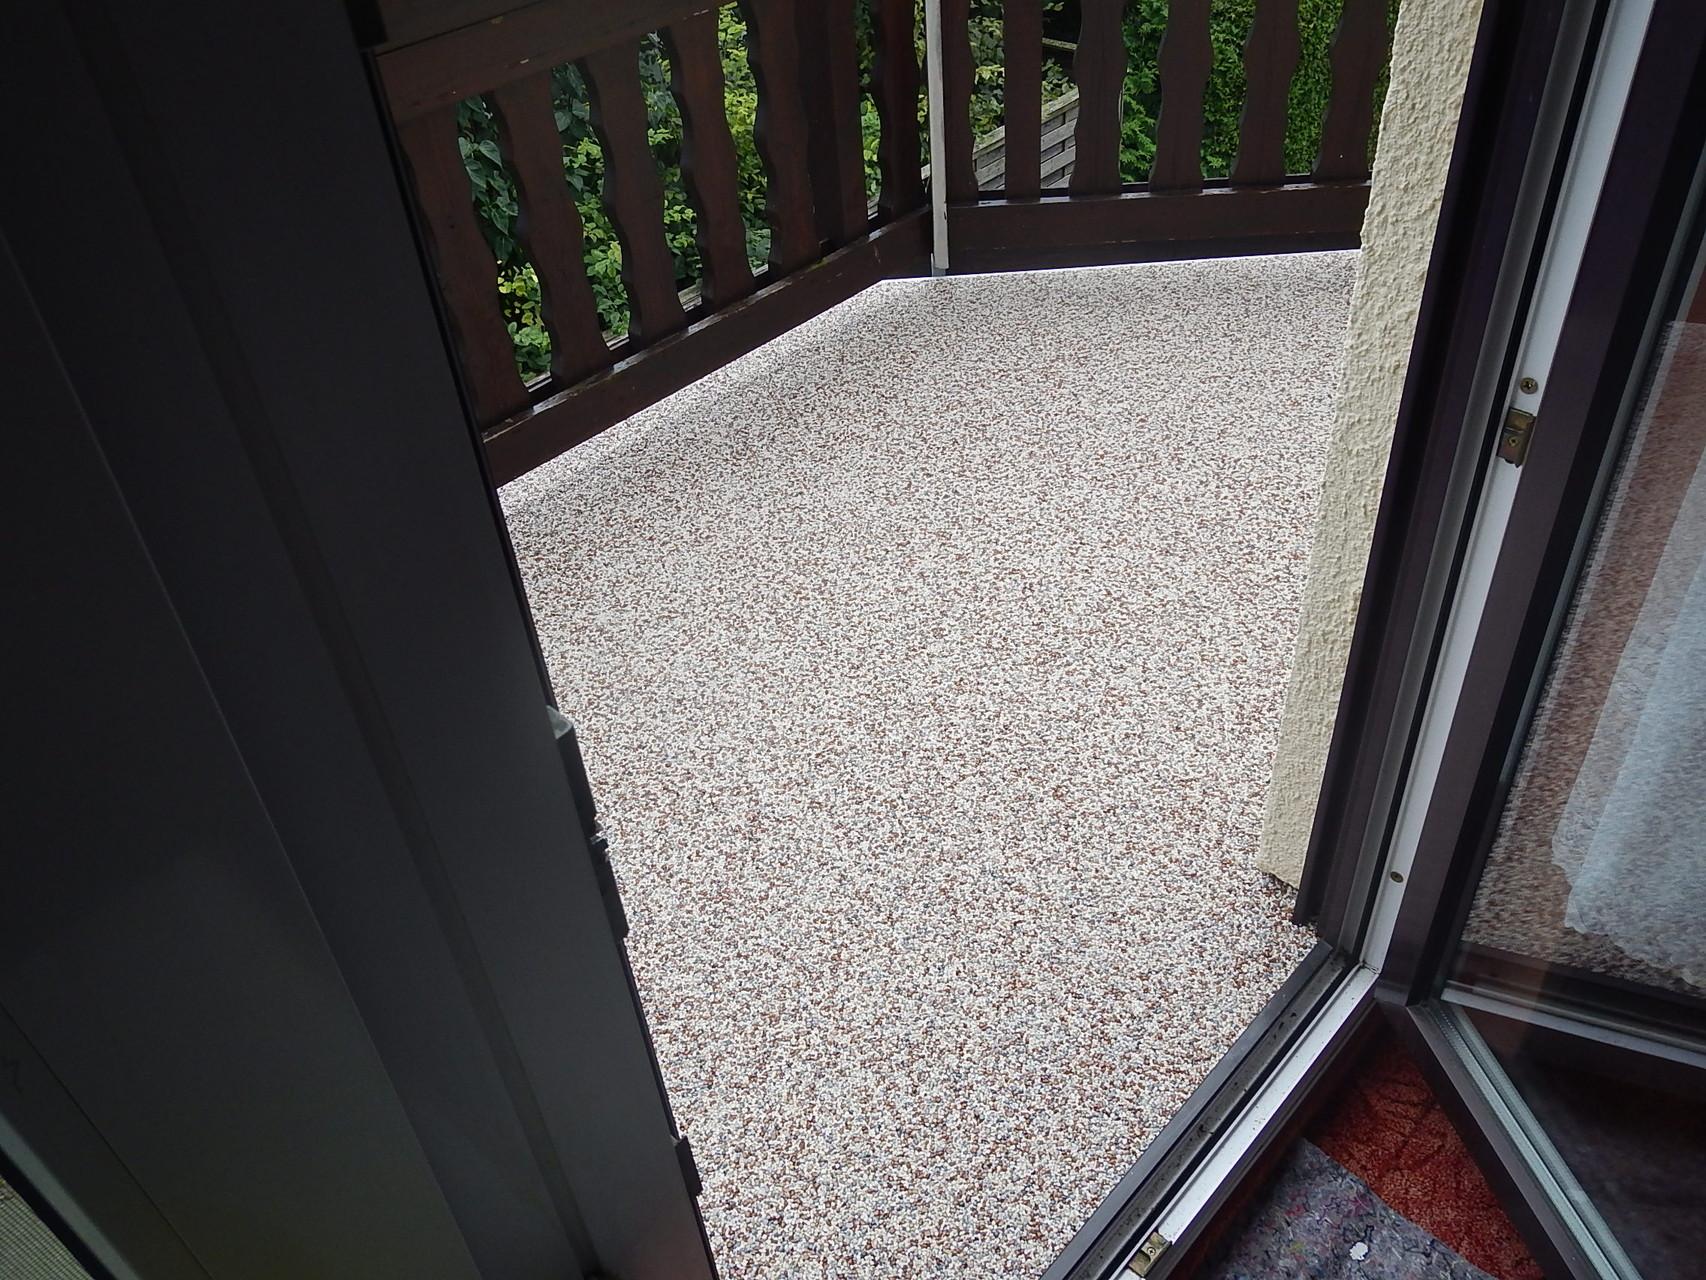 diese Balkone sind häufig anzutreffen und lassen sich mit Steinteppich perfekt sanieren